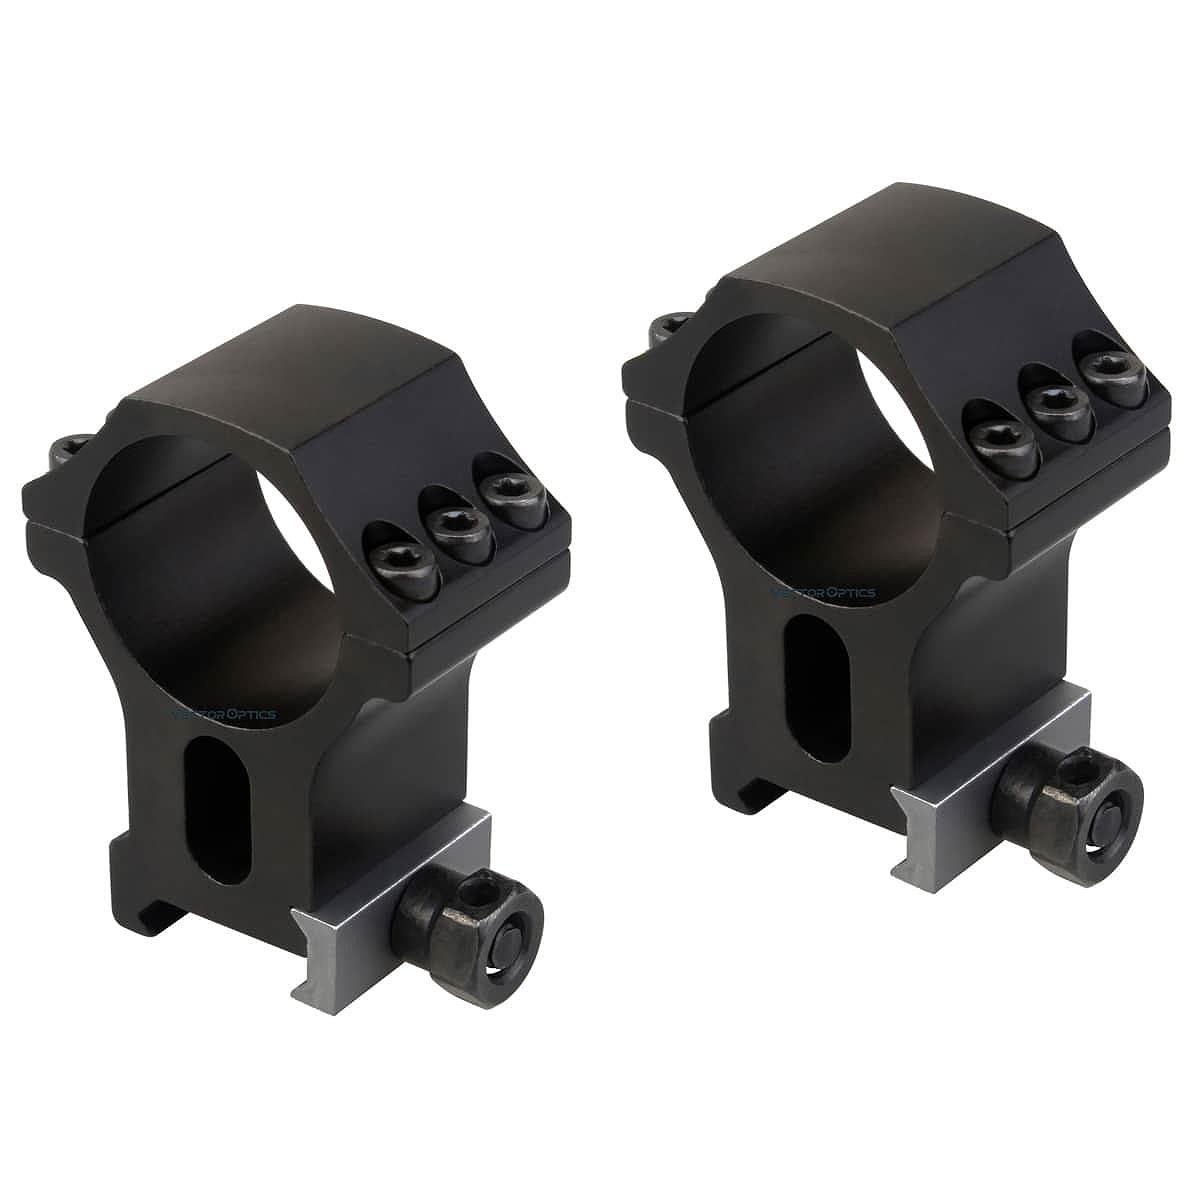 ベクターオプティクス ライフルスコープ Vantage 5-30x56  Vector Optics SCOL-24